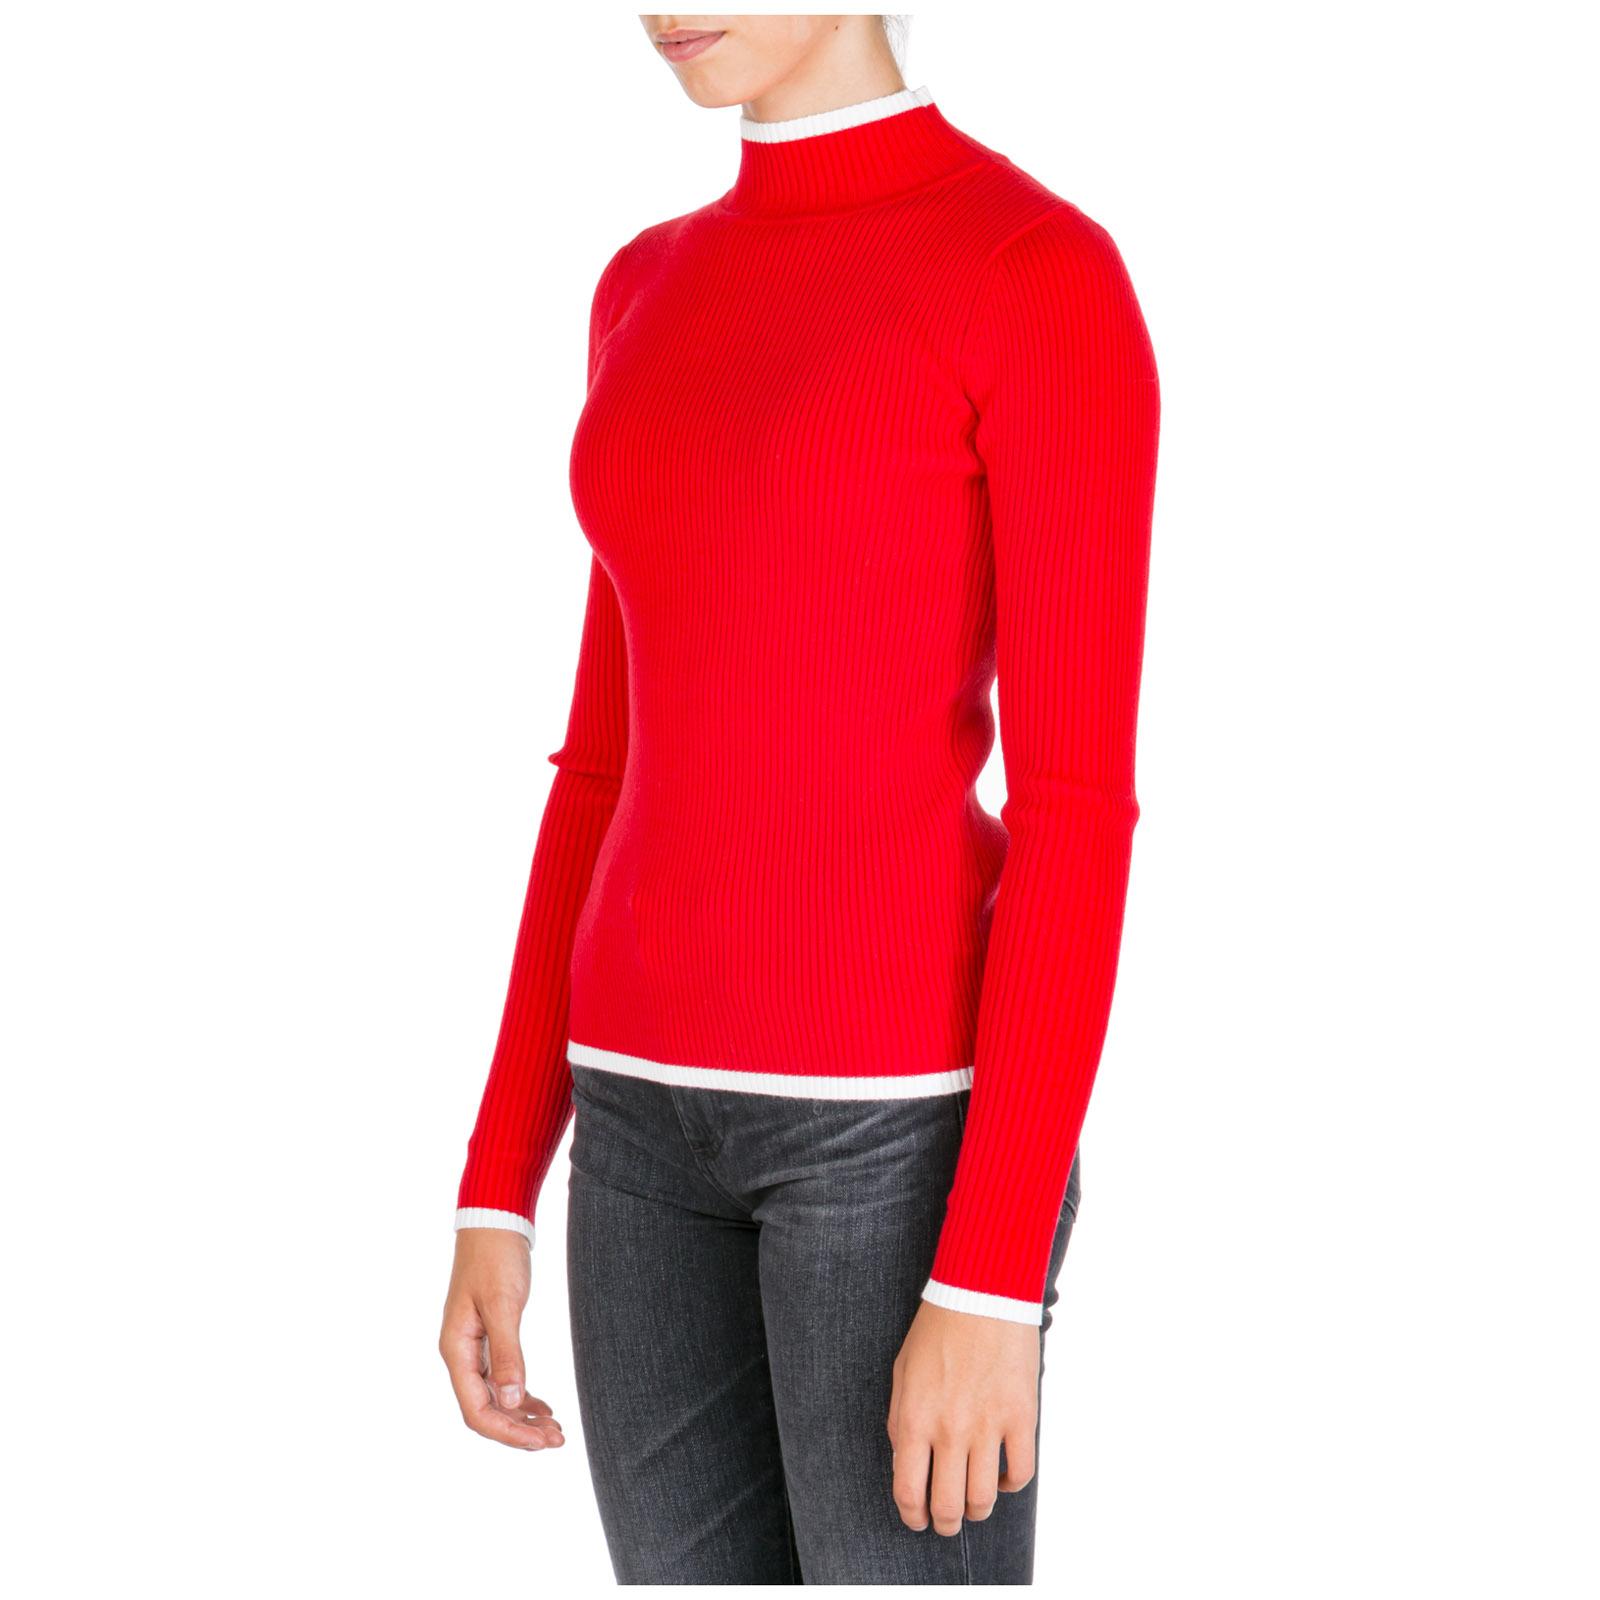 più amato 6fa01 1c96f Dolcevita collo alto maglione maglia donna